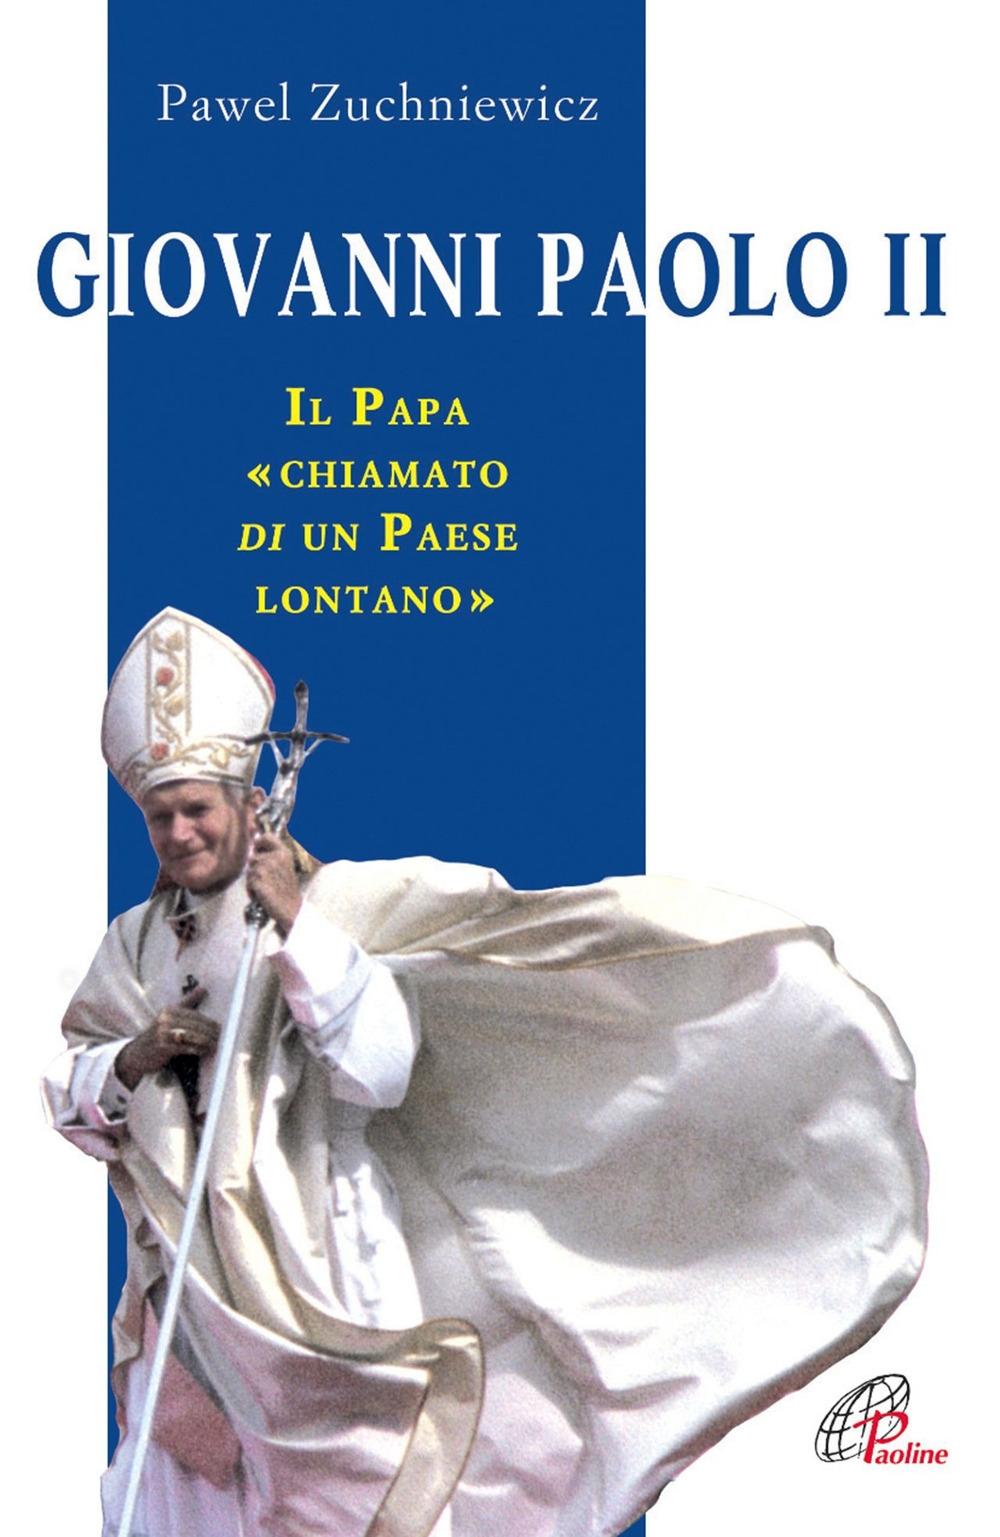 Giovanni Paolo II. Il papa chiamato di un paese lontano